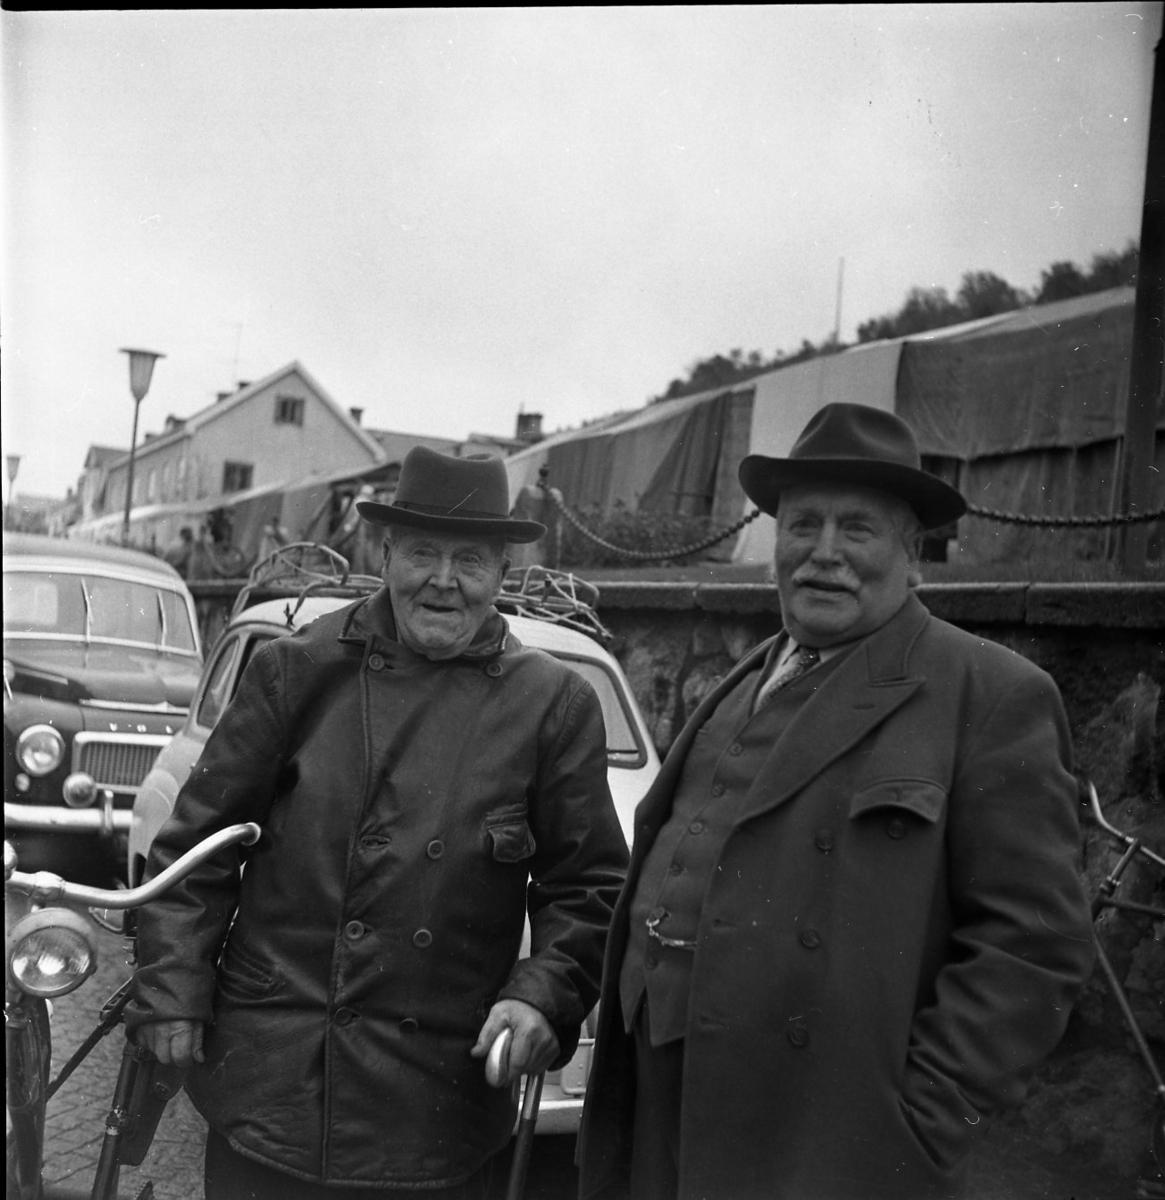 """Två äldre män med och skinnjacka respektive rock står på Brahegatan nedanför torgmuren. Till vänster med käpp i handen står Theodor """"i Sånghem"""" Johansson och till höger David Karlsson. På torget ser det ut att vara marknadstält."""